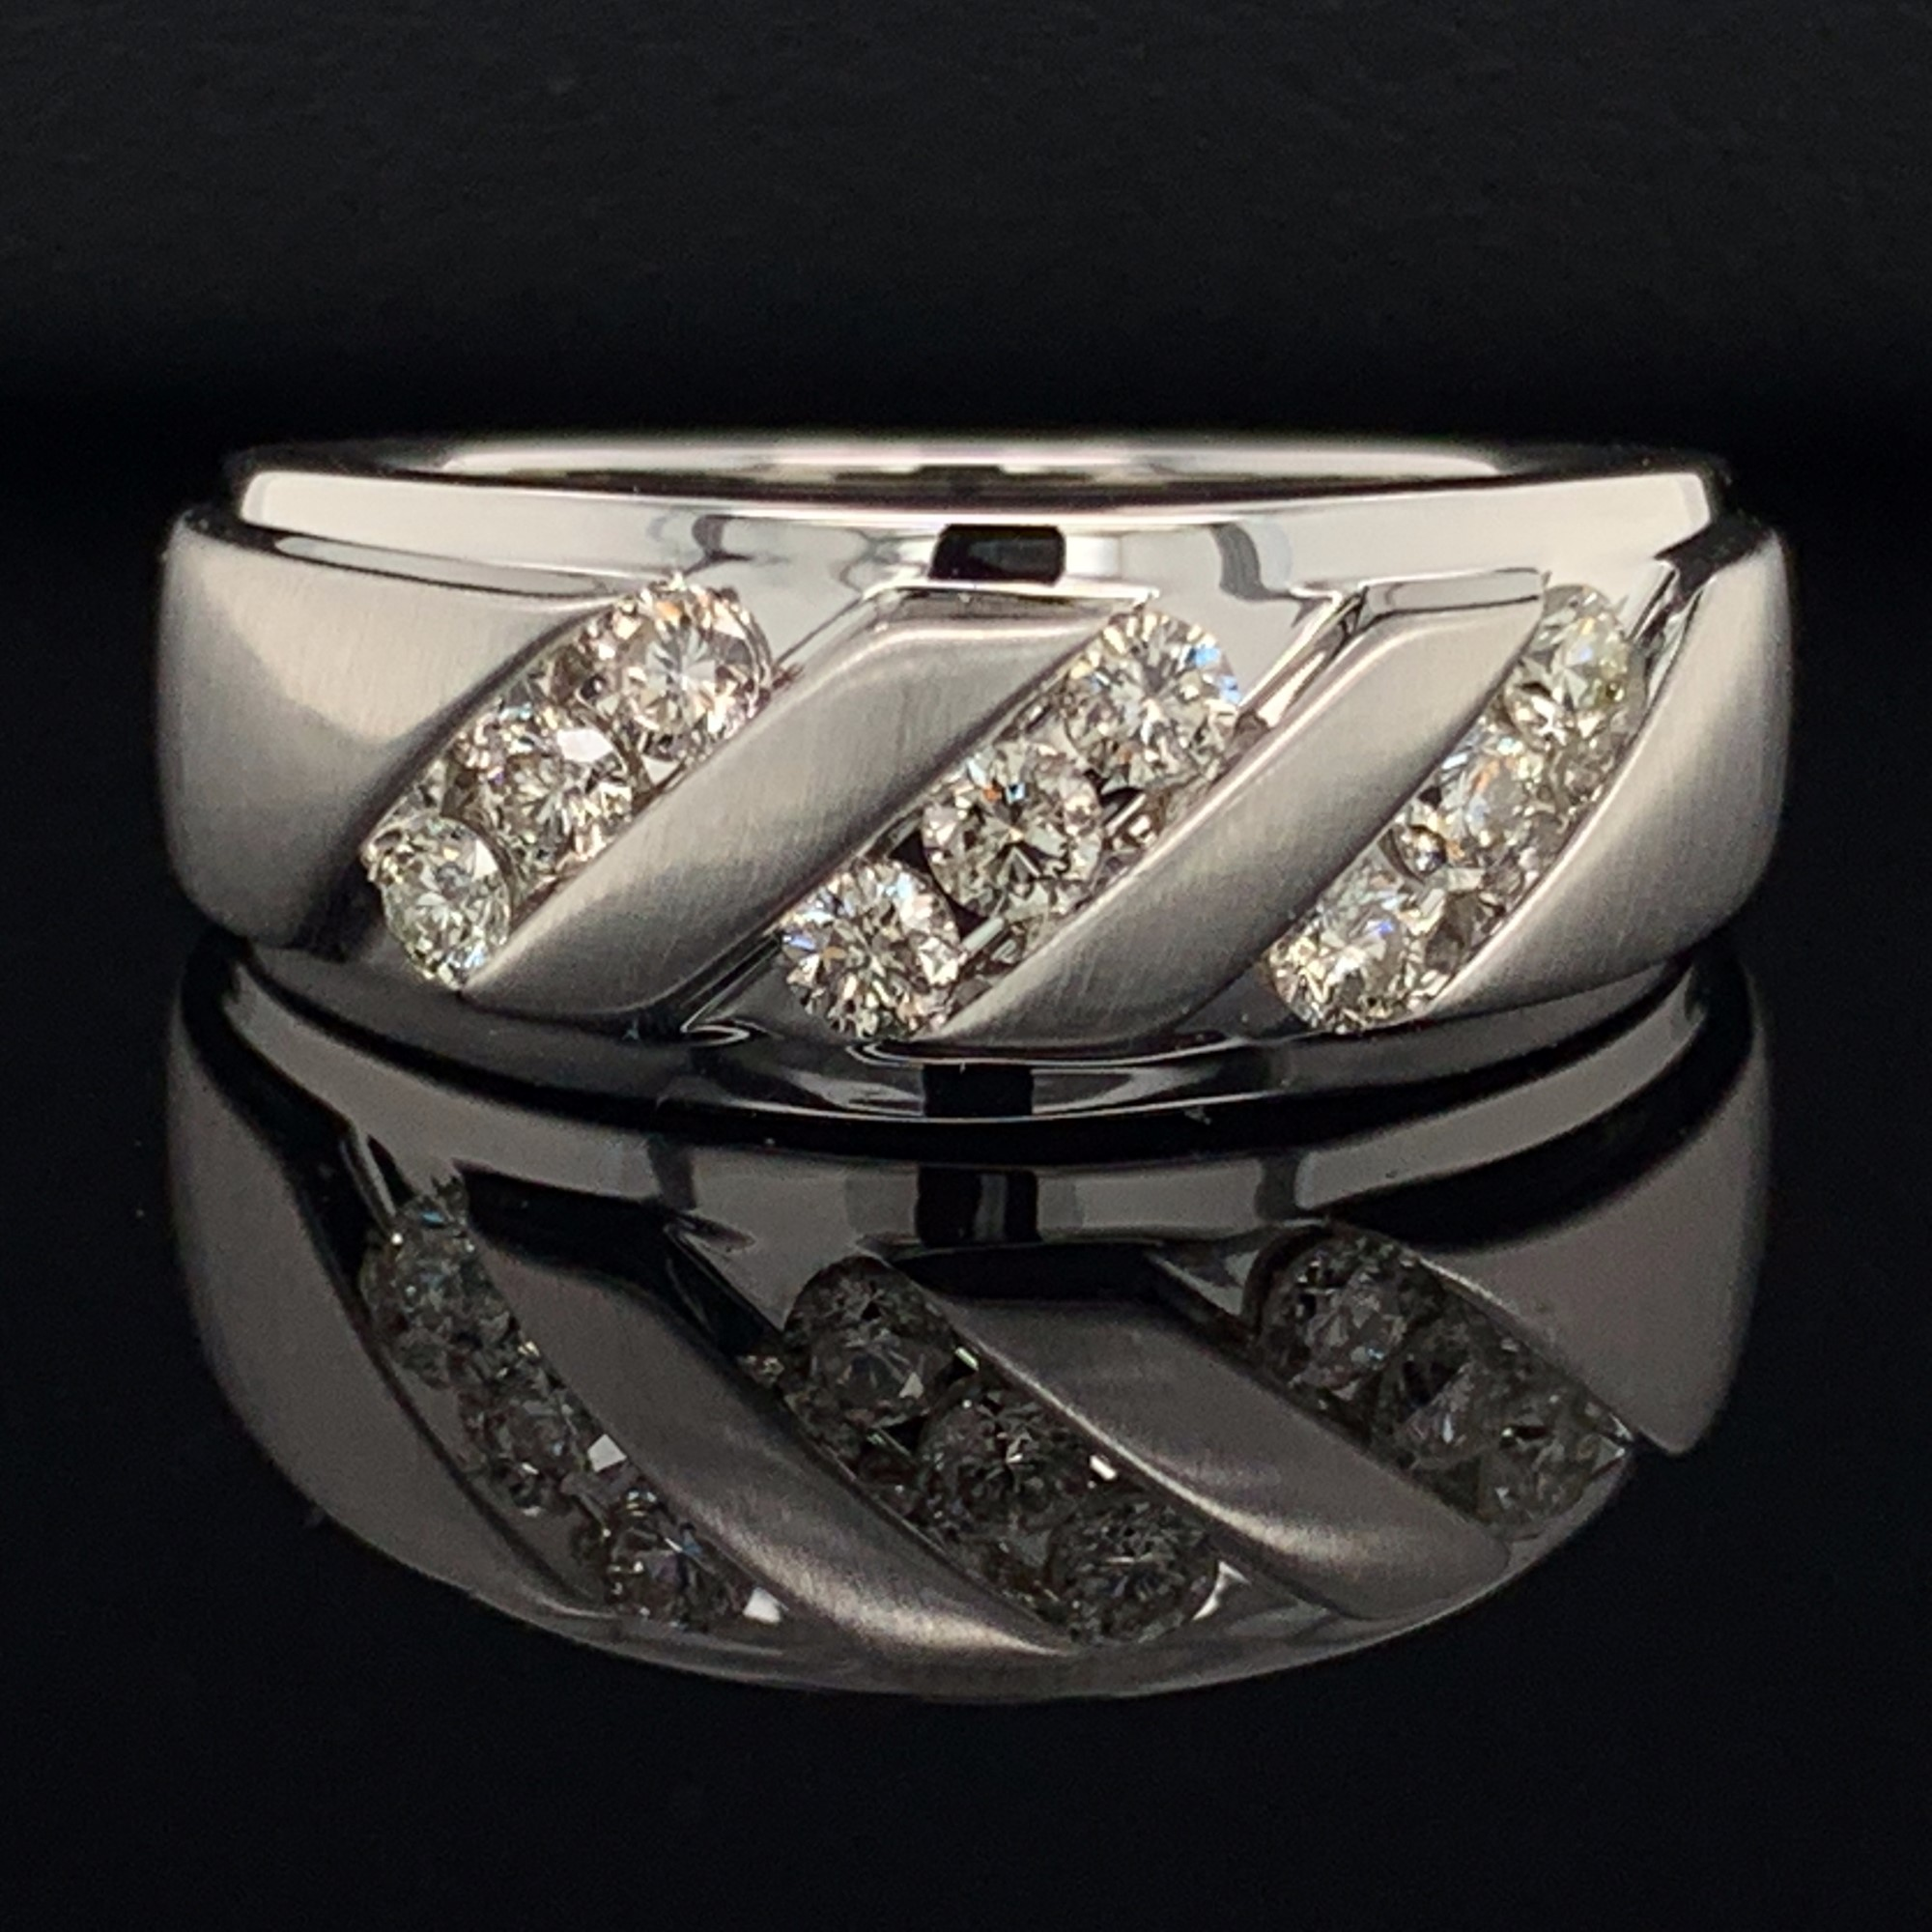 قطع غير عادي كسوف الشمس Mens Silver And Gold Wedding Rings Mens Gold And Silver Wedding Bands Psidiagnosticins Com